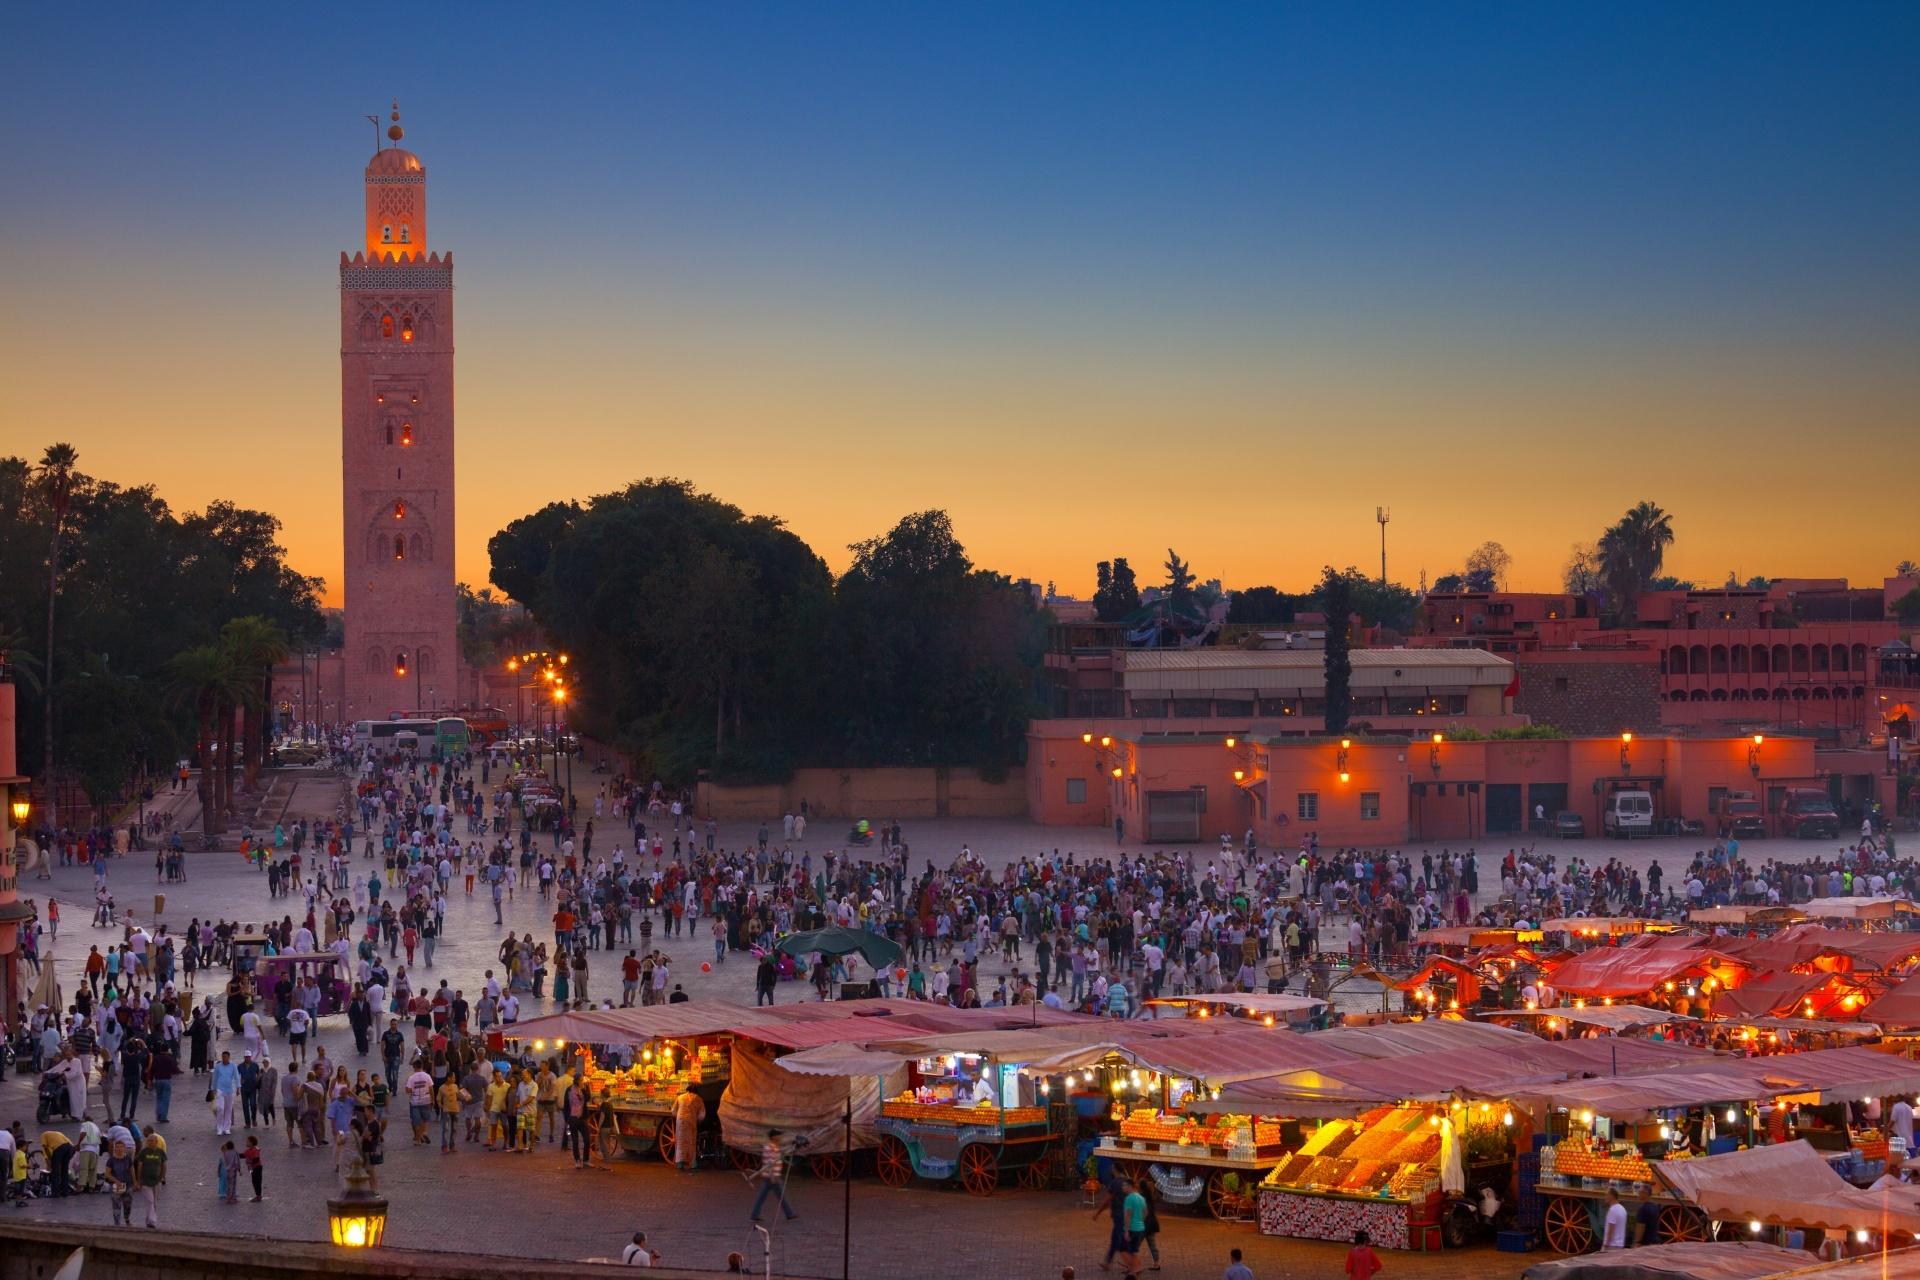 夕暮れのマラケシュ ジャマ・エル・フナ広場